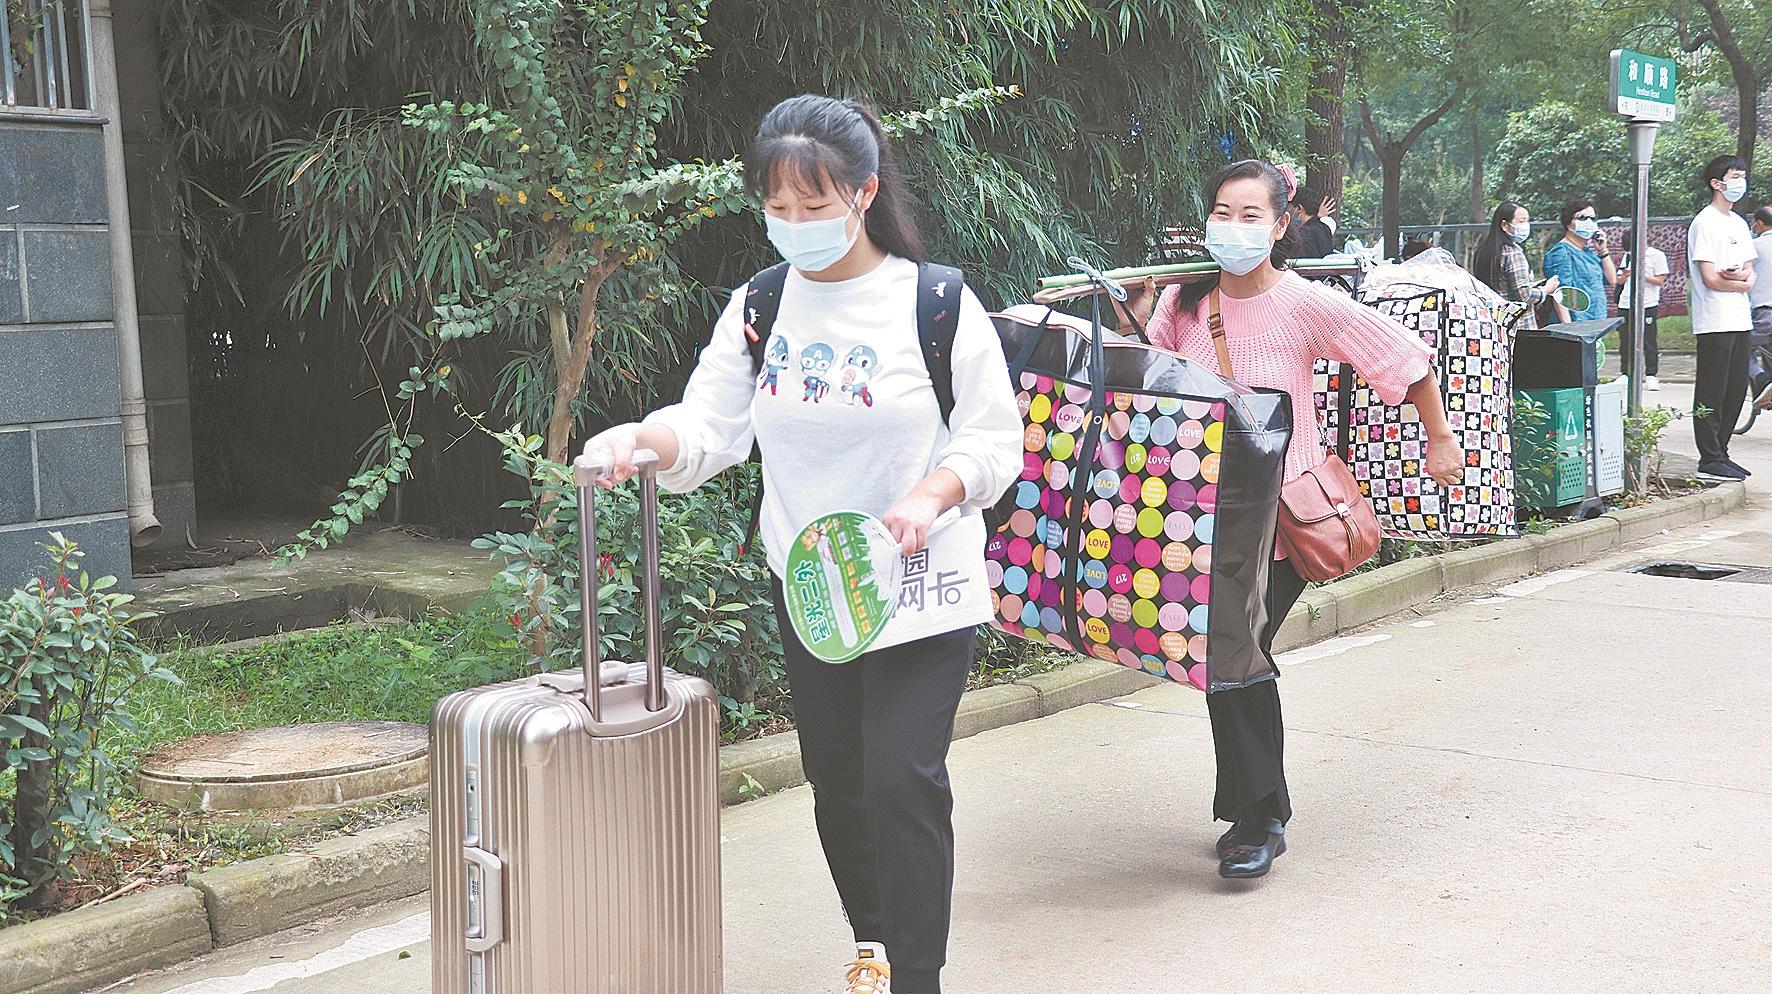 蔡甸龙凤胎考上同一大学同一专业 父母挑着行李把兄妹俩送进校园